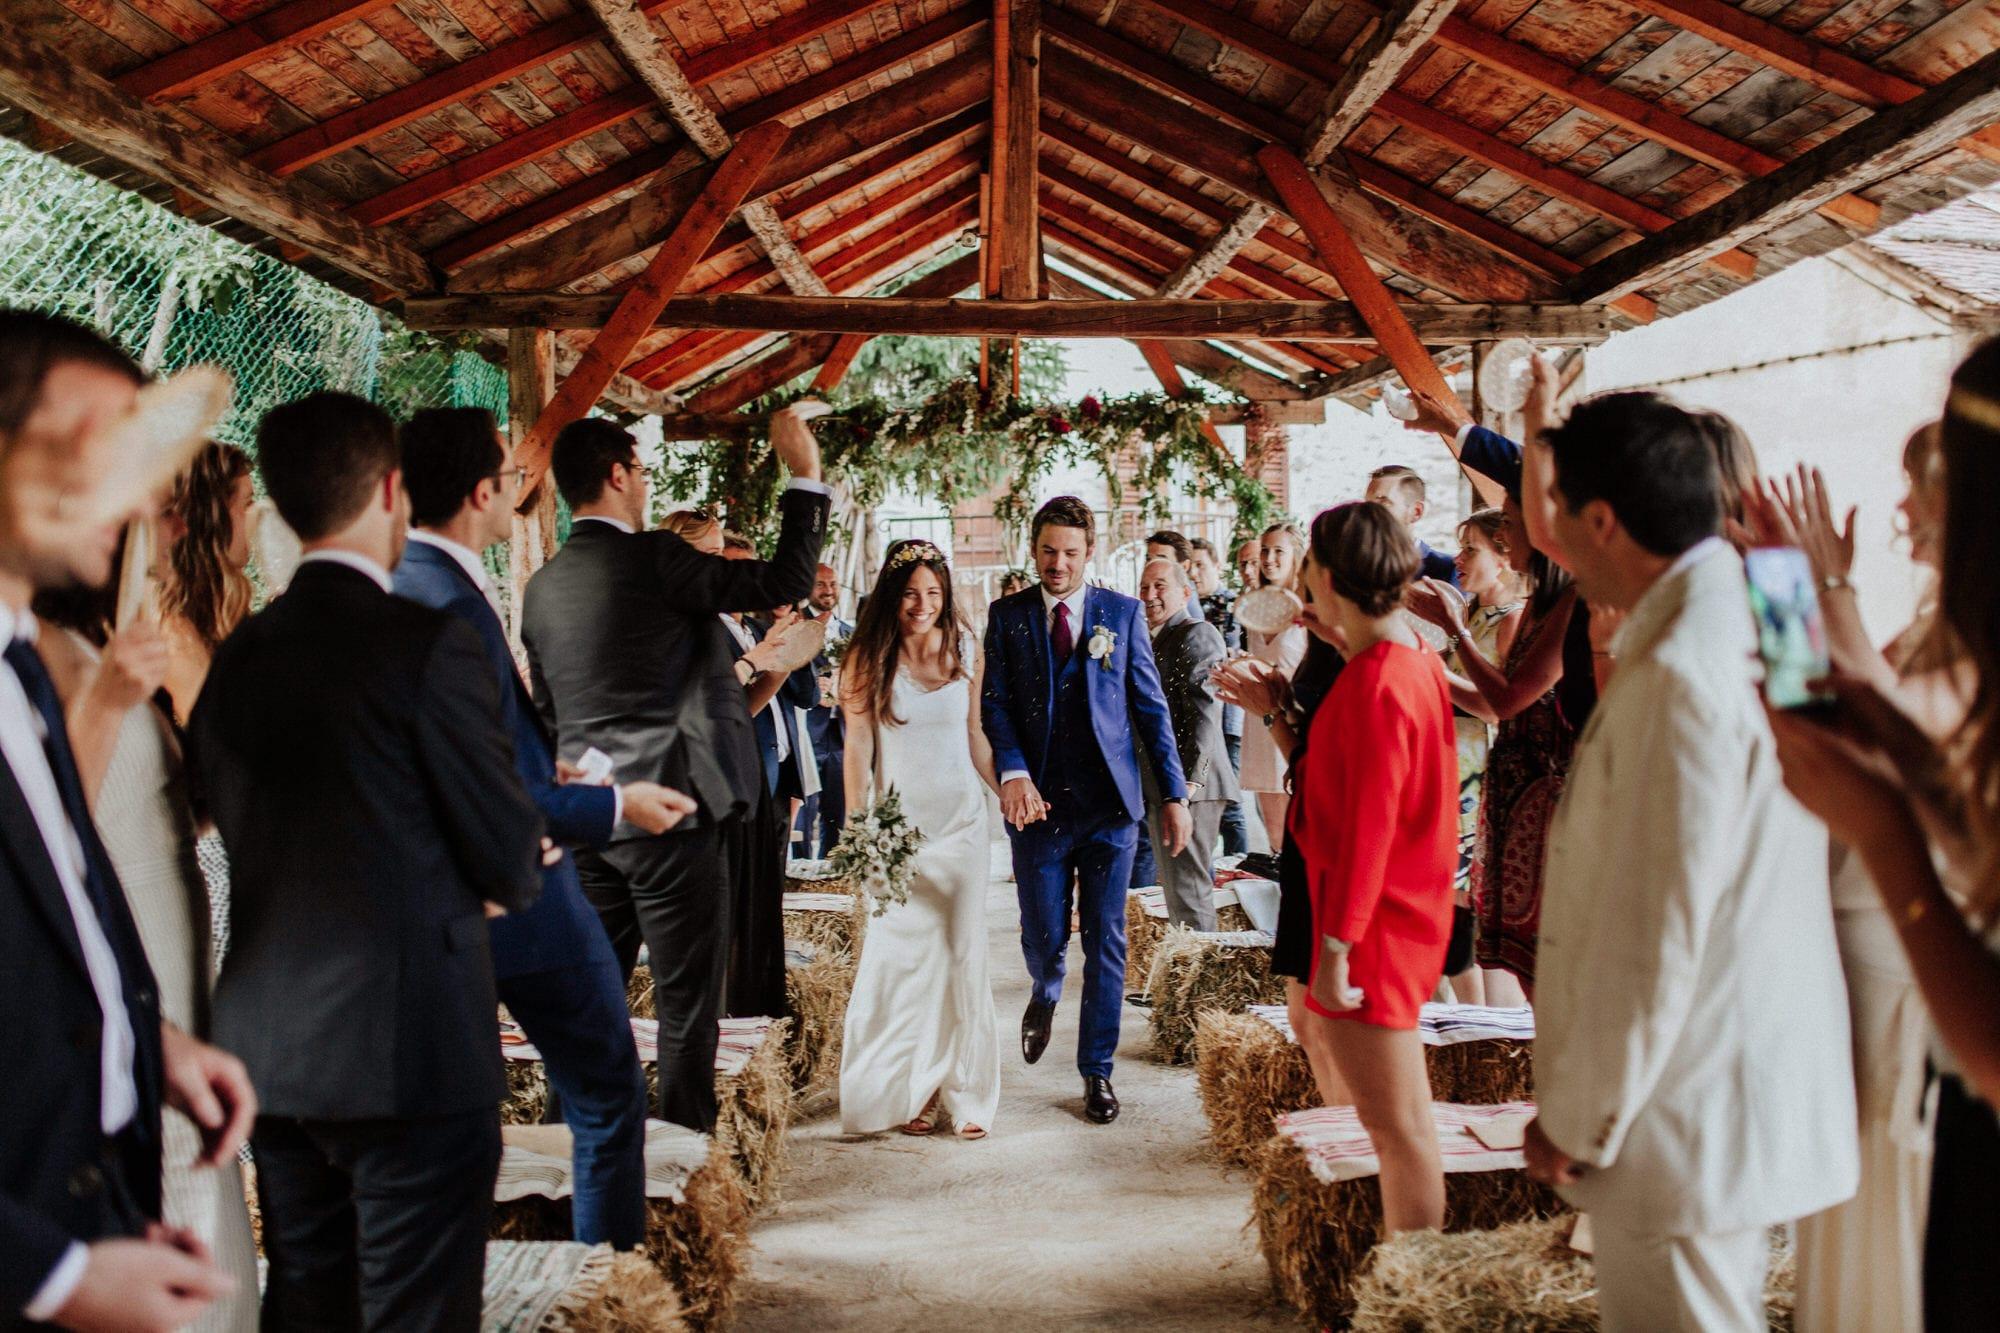 REEGO - Photographe mariage - La mariée aux pieds nus